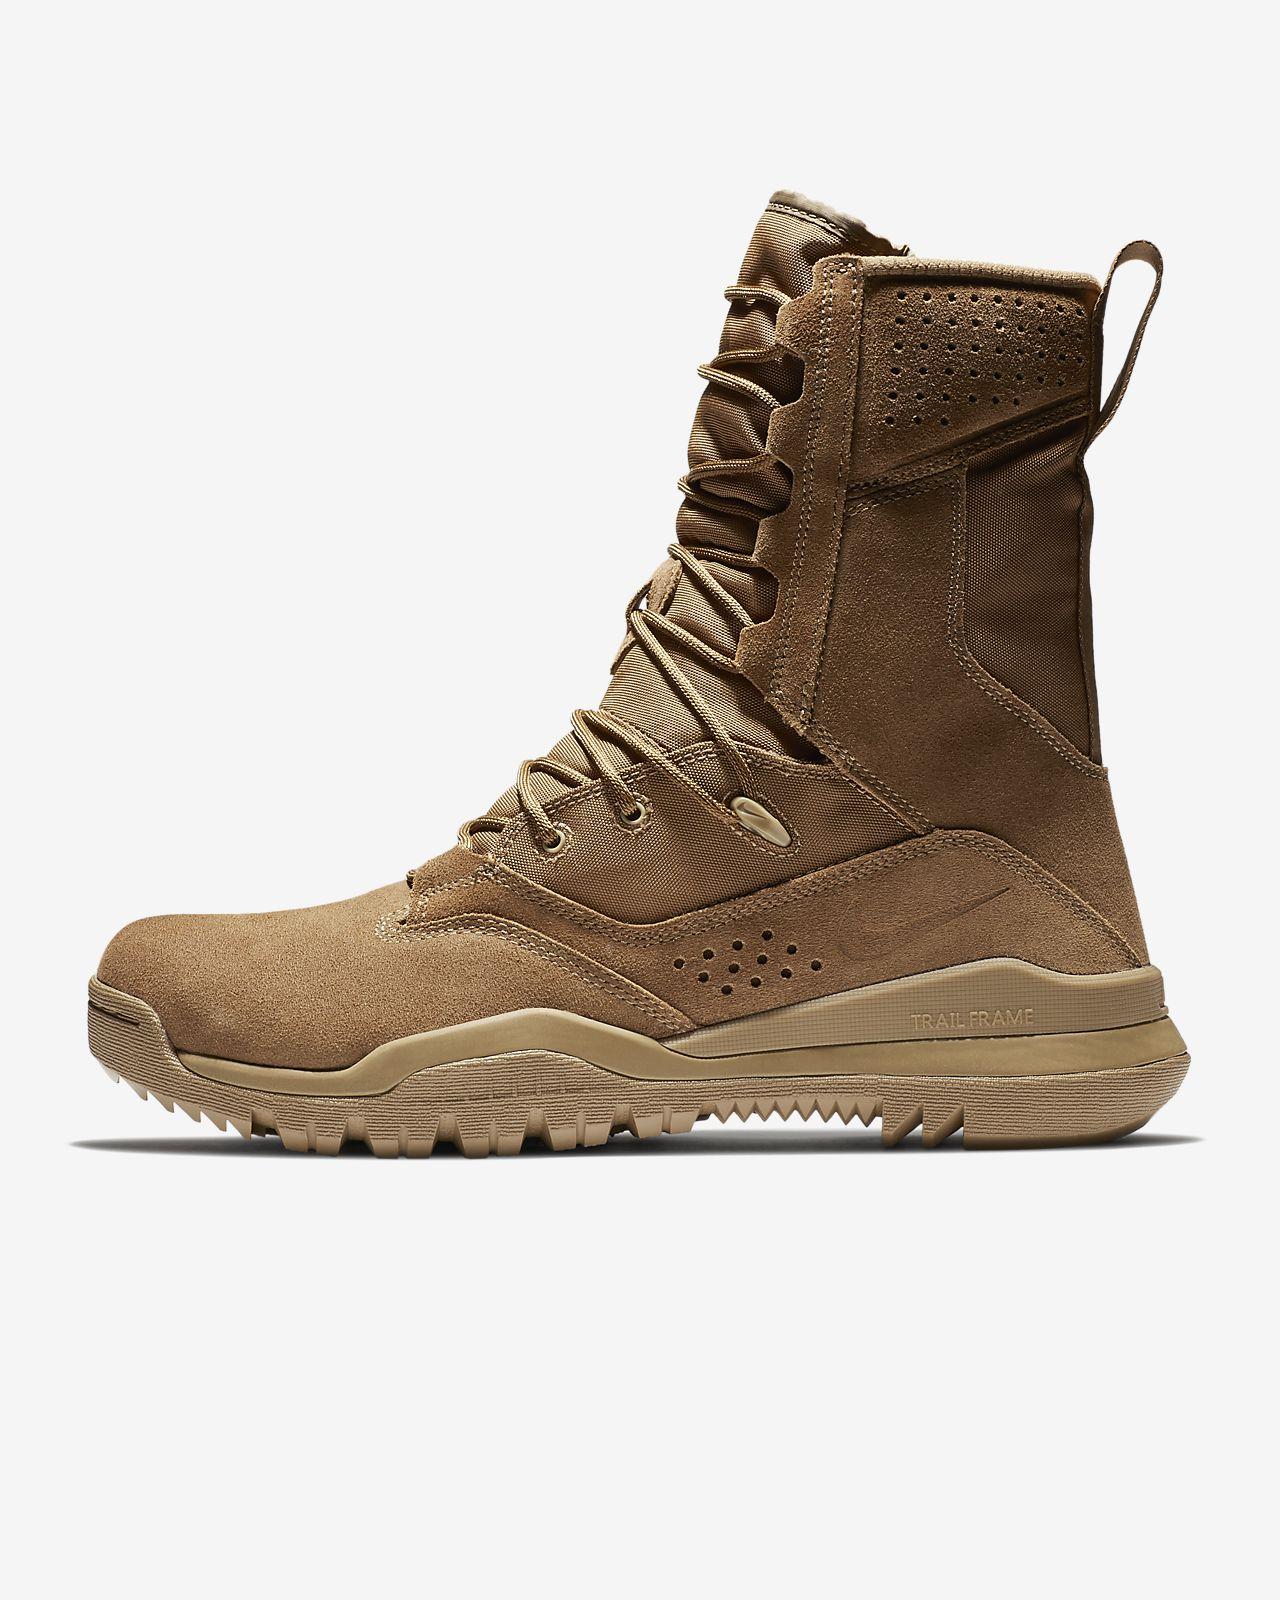 Botas Tcticas De Militares: Buy Boots Online at Best Prices